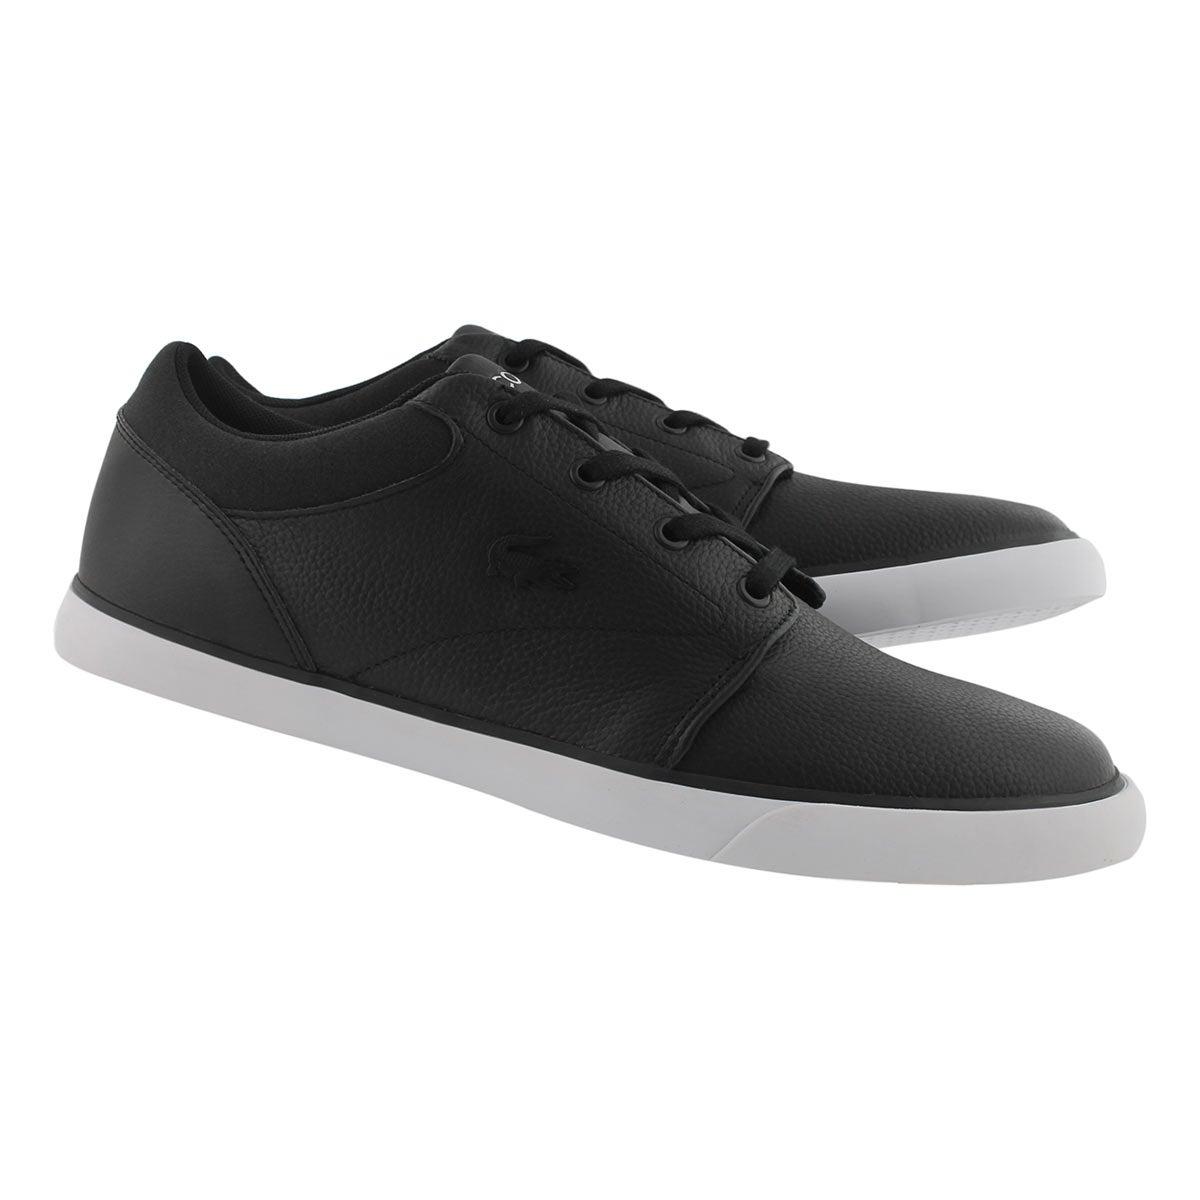 Mns Minzah 318 blk/wht fashion sneaker